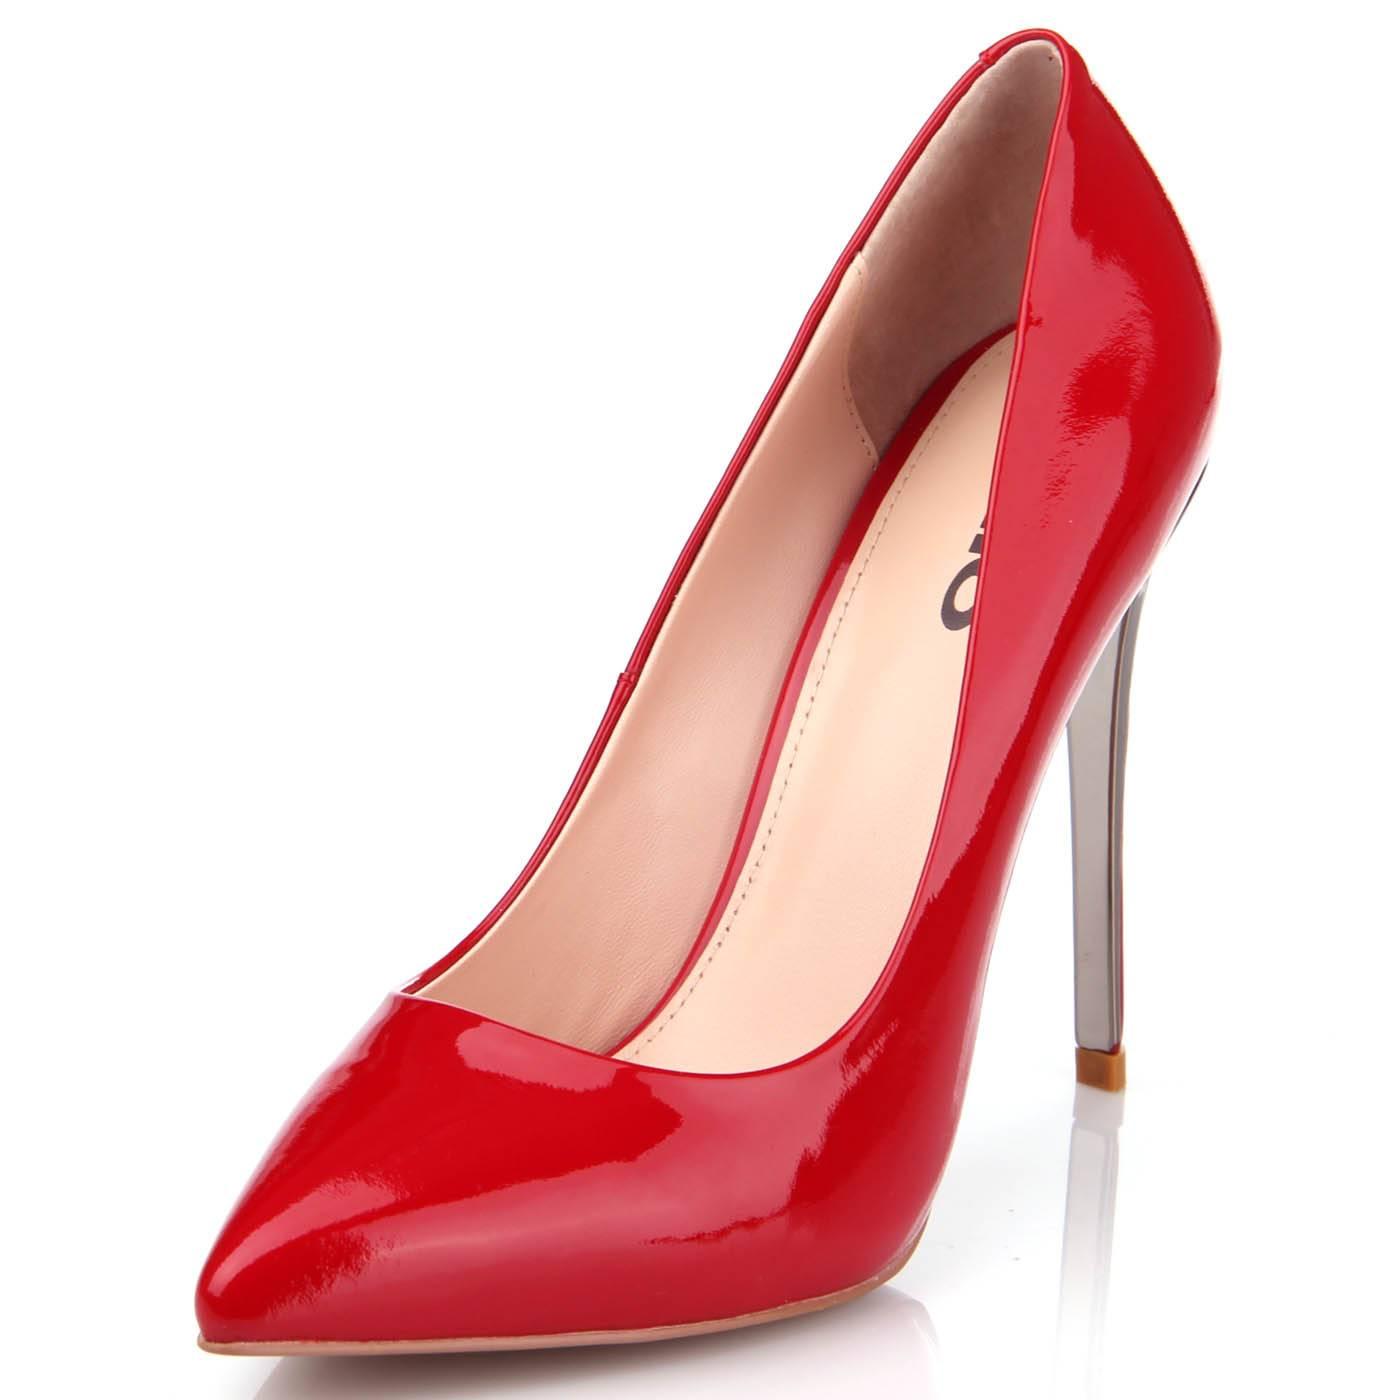 Туфлі жіночі ditto 6344 Червоний купить по выгодной цене в интернет ... ff129b1ddf54f